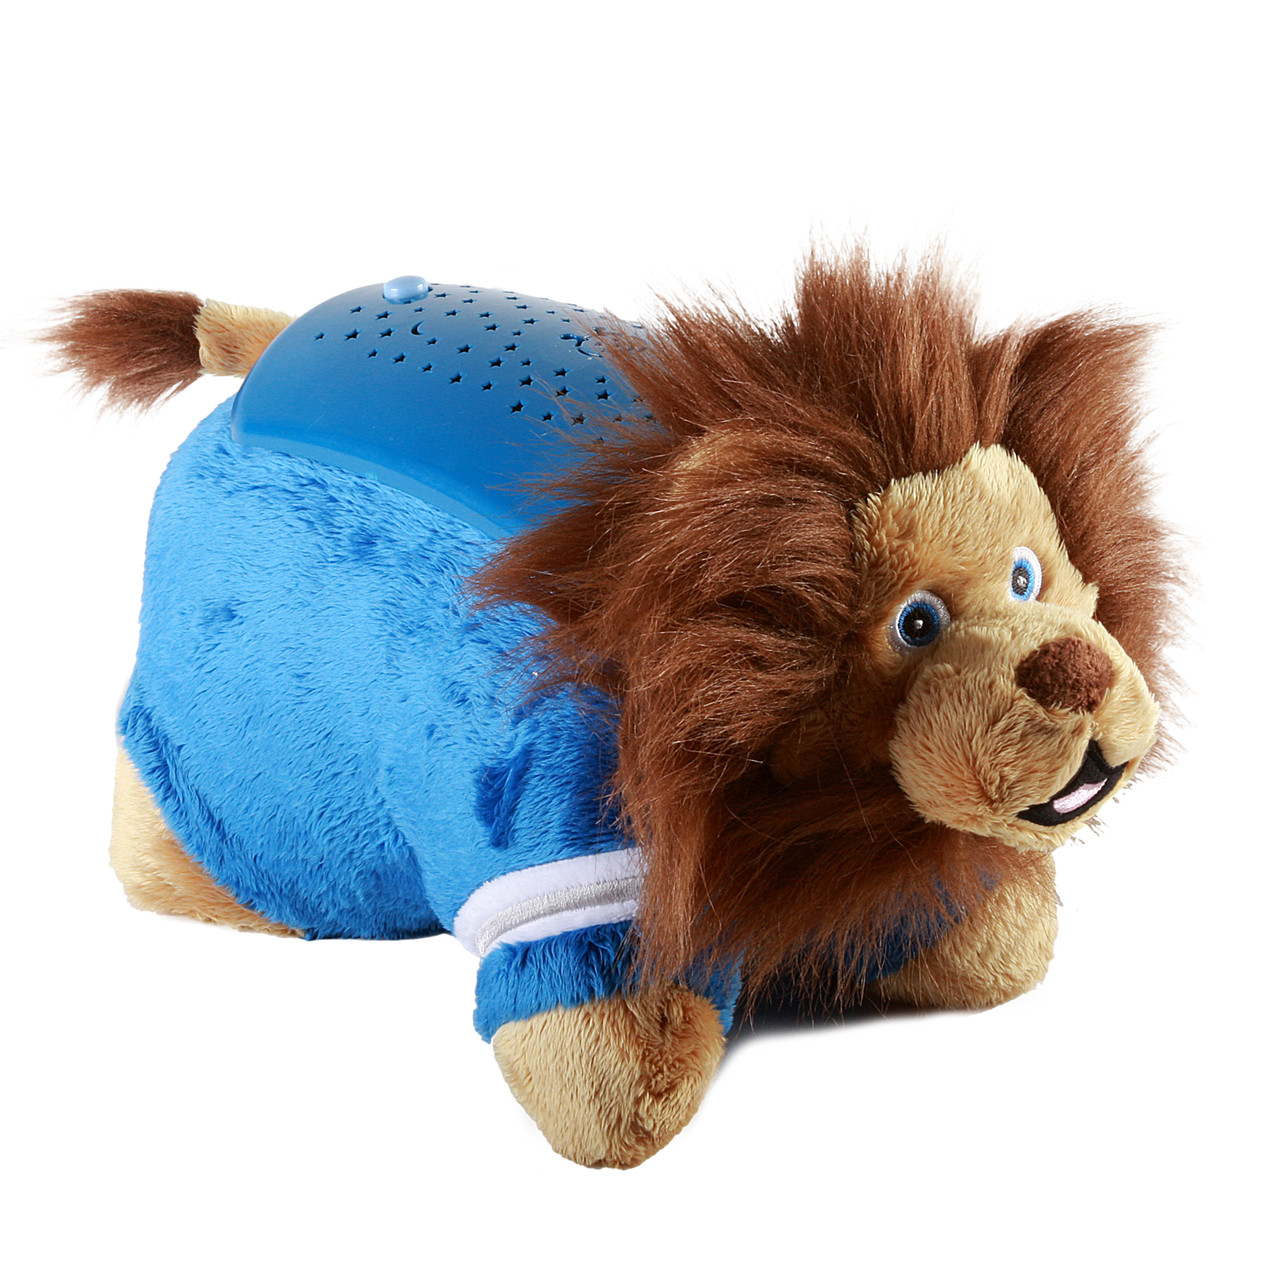 nfl dream lites pillow pets detroit lions